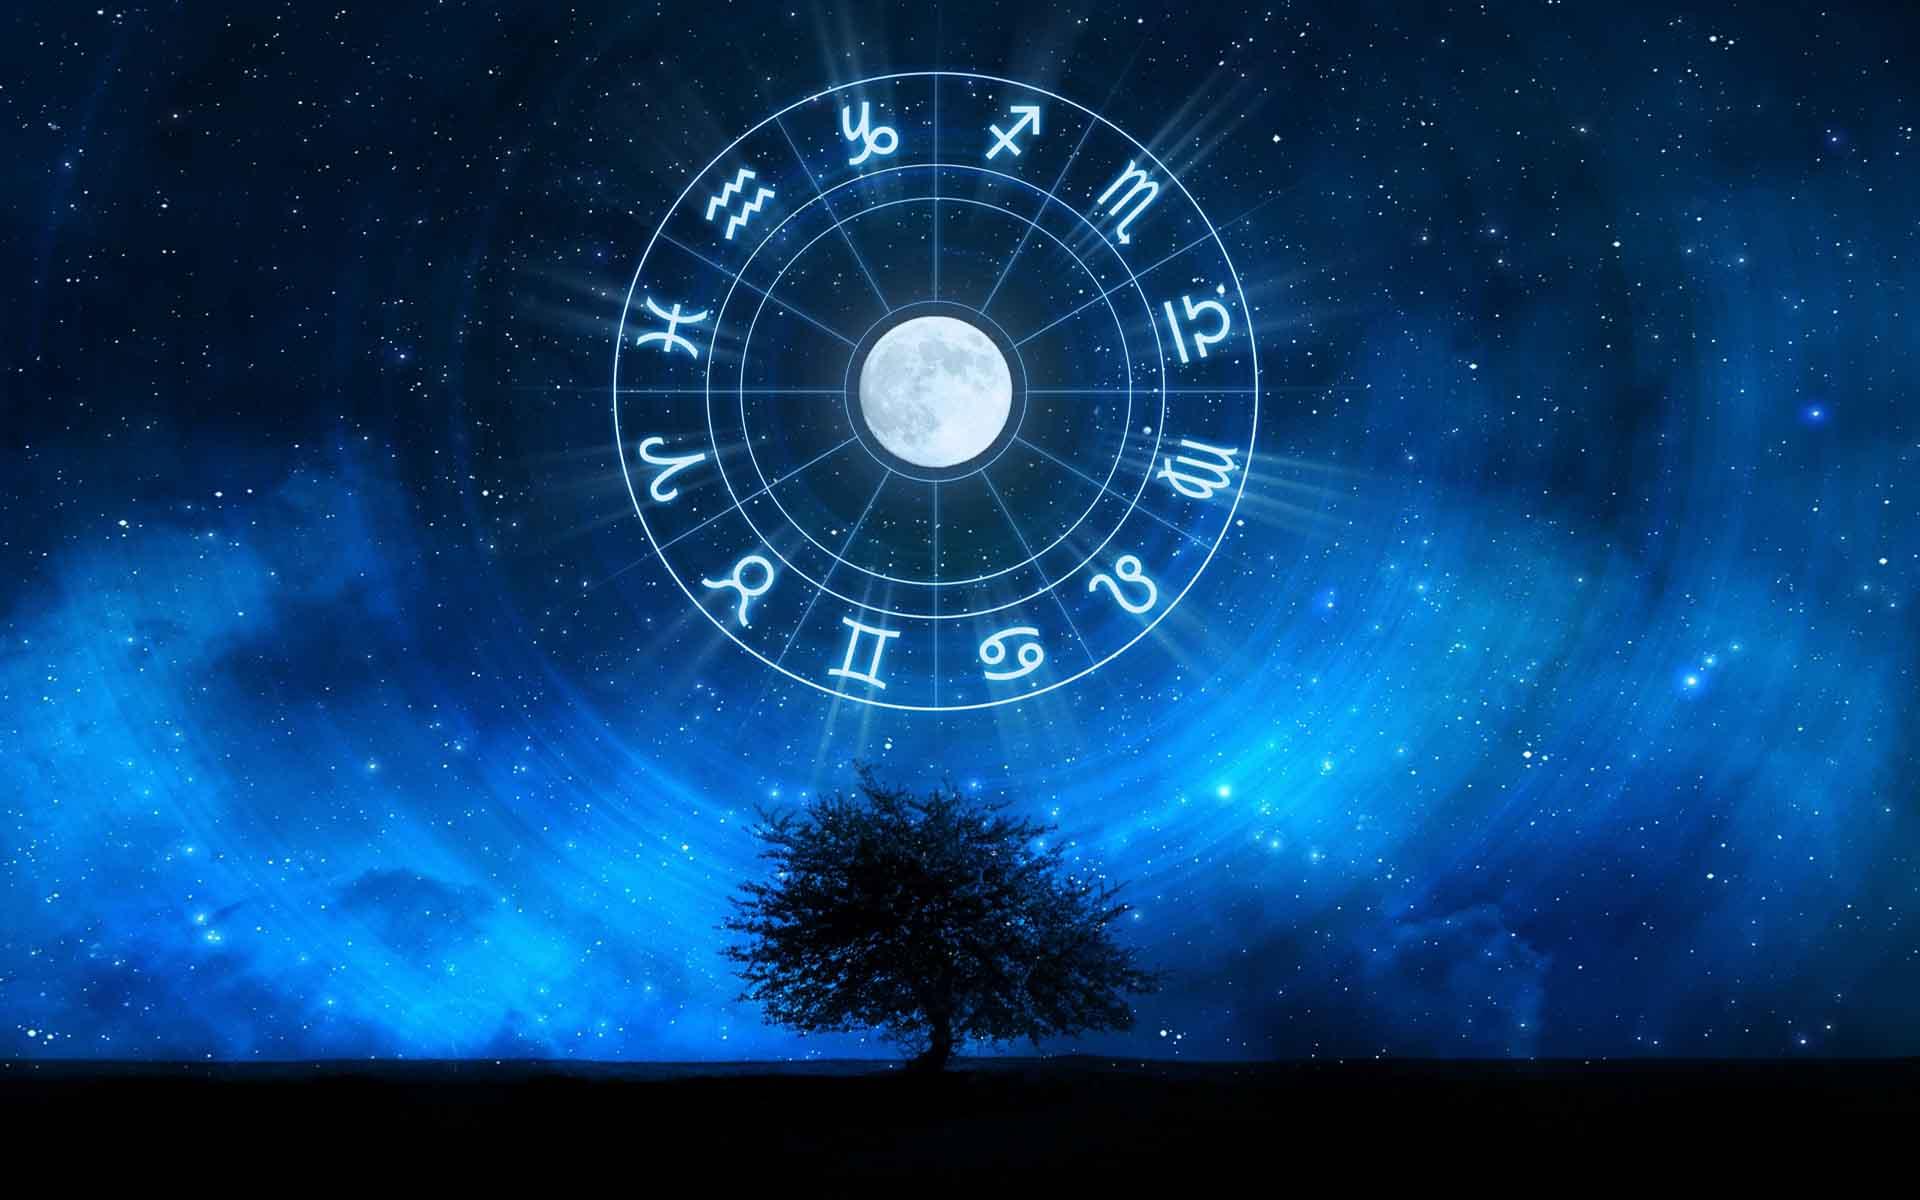 Астрологическая карта на дату рождения человека